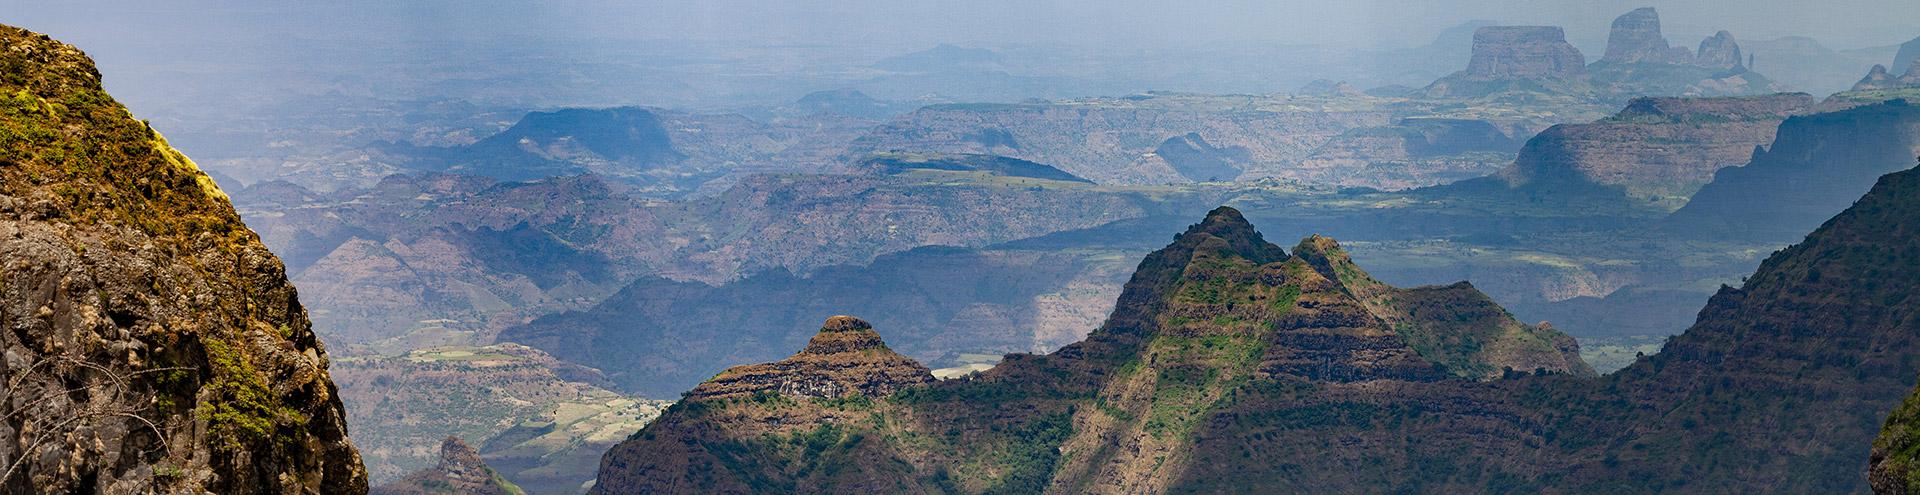 Die Landschaft des Simien-Gebirges in Äthiopien